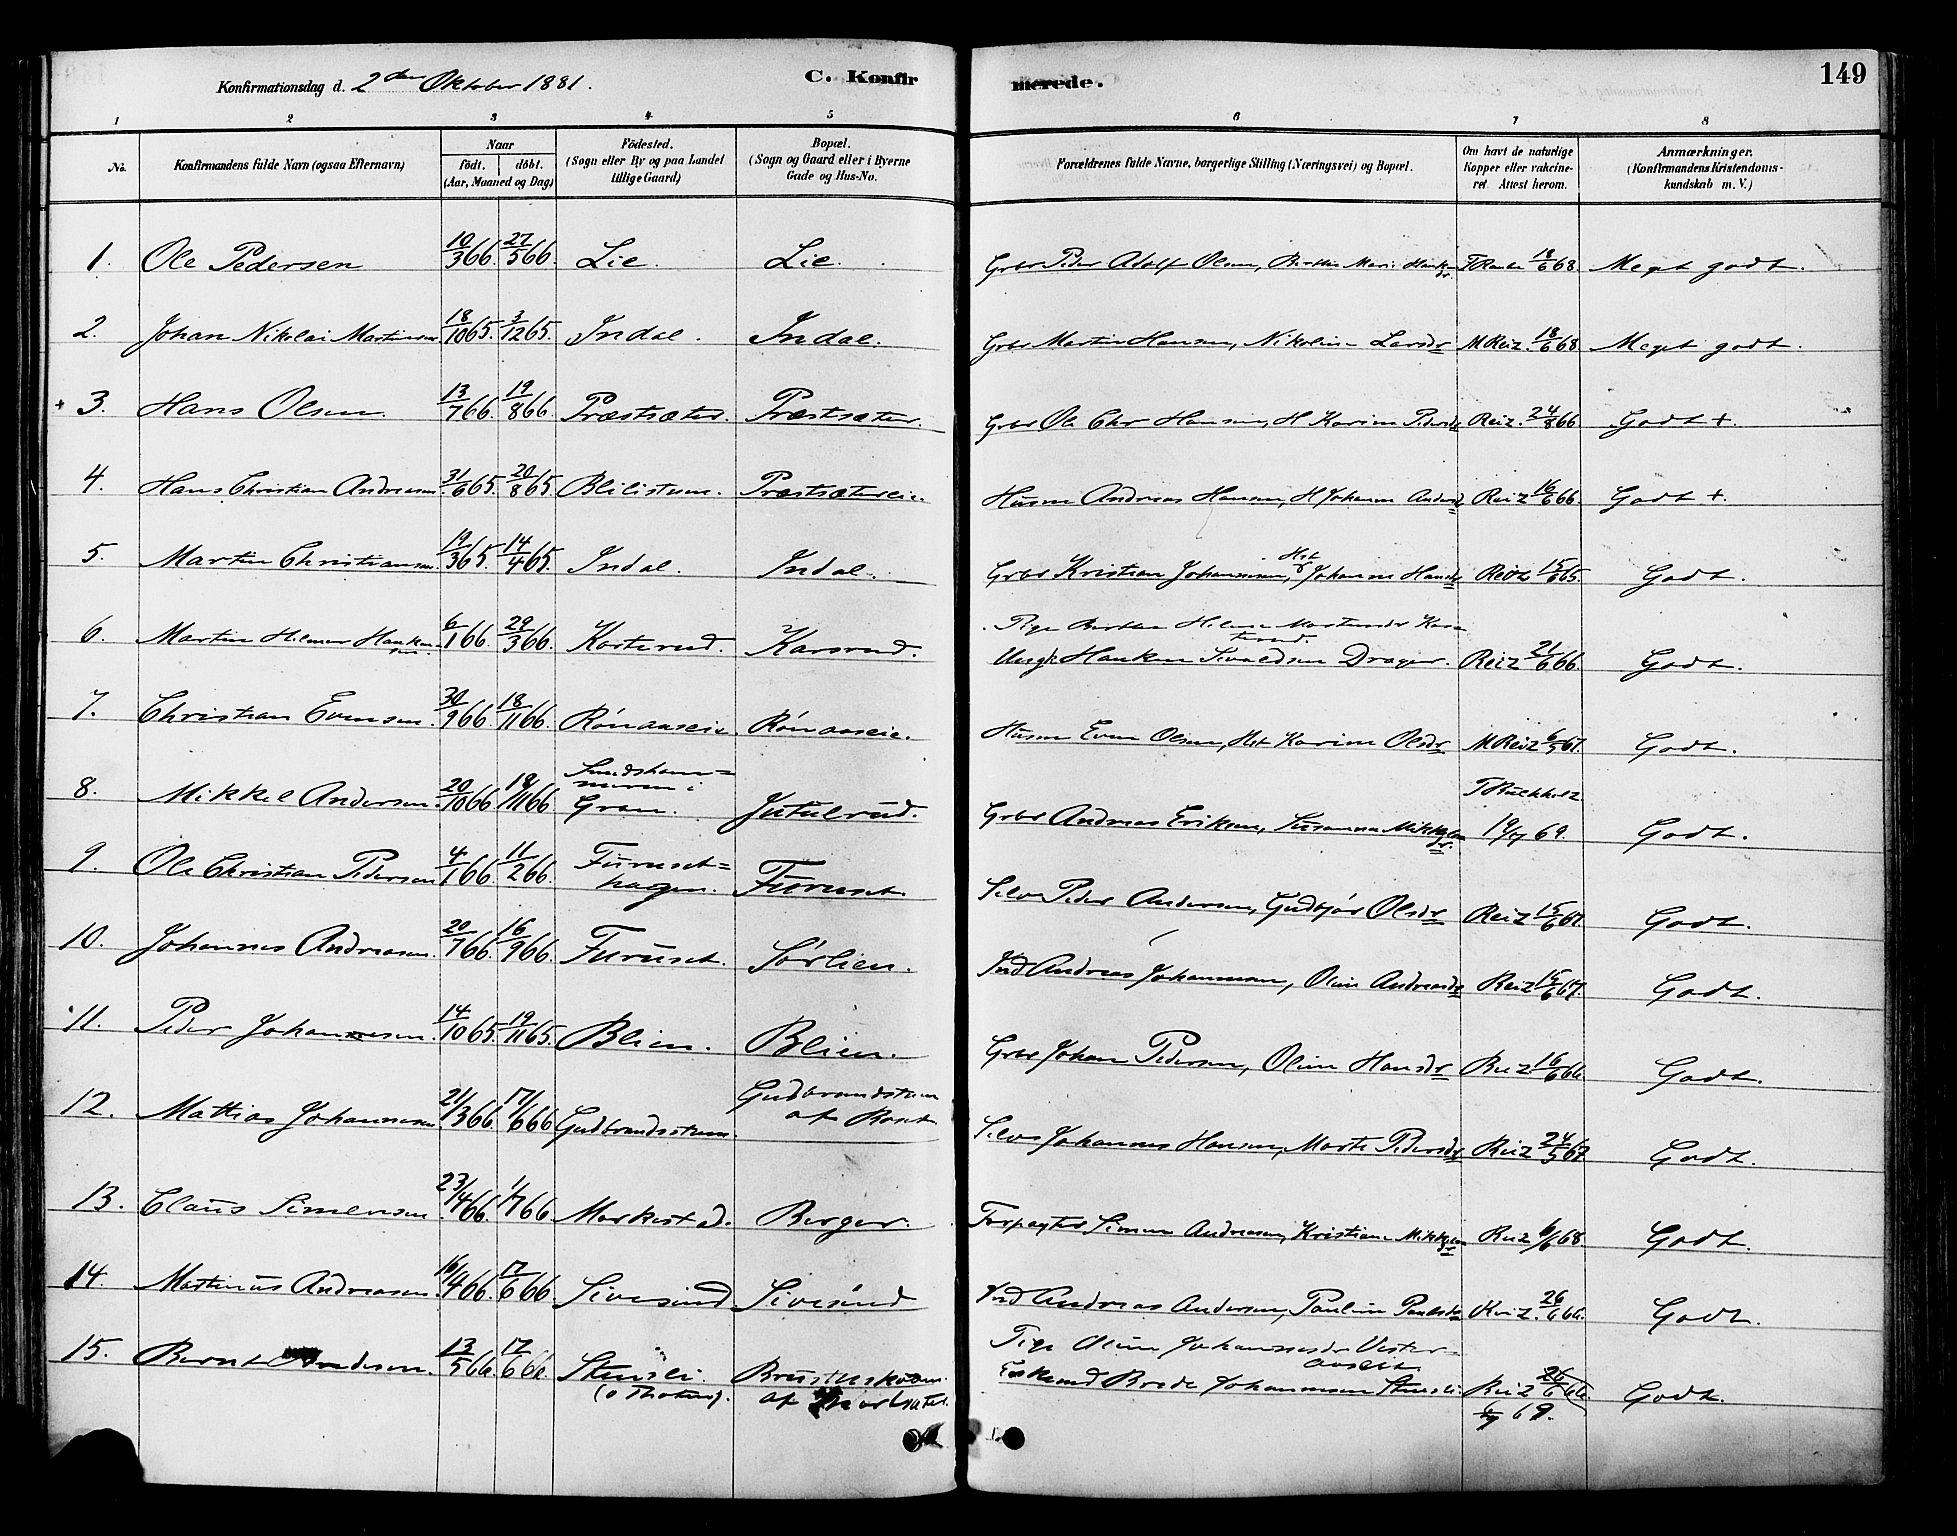 SAH, Vestre Toten prestekontor, Ministerialbok nr. 9, 1878-1894, s. 149